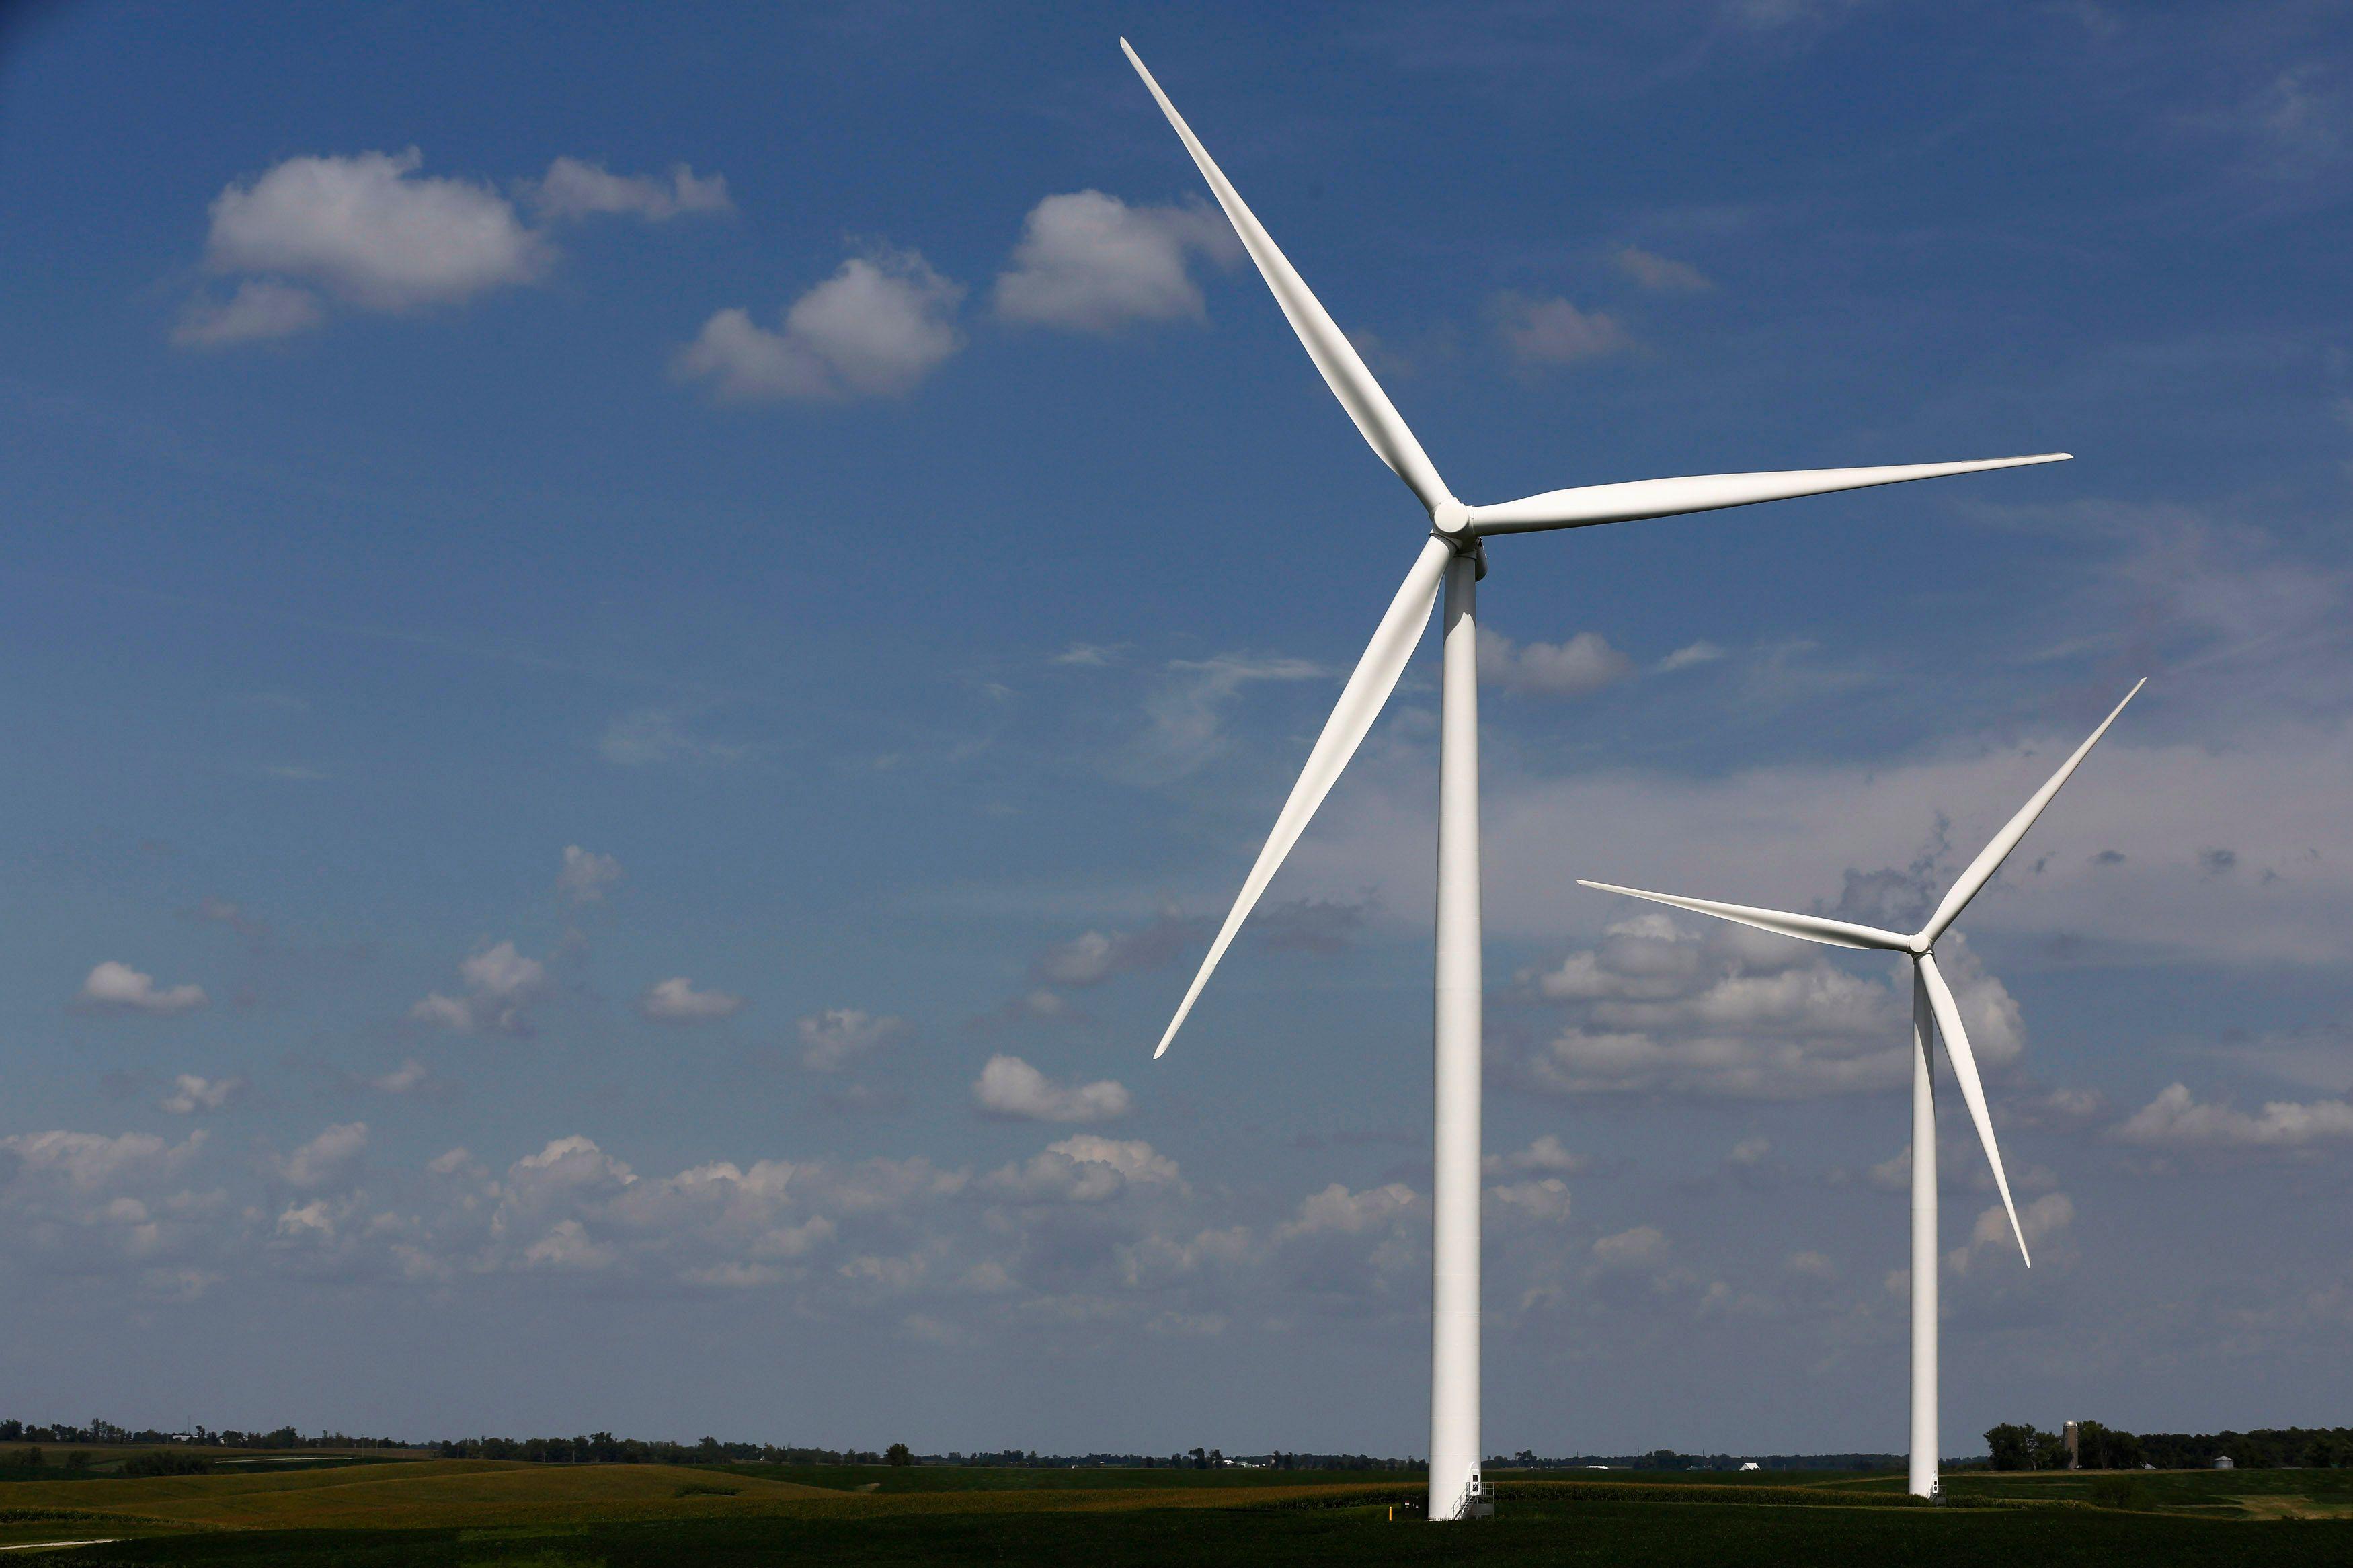 """Avoir une """"foi absolue dans les énergies renouvelables"""" suffit-il vraiment à définir une politique de l'énergie crédible ?"""